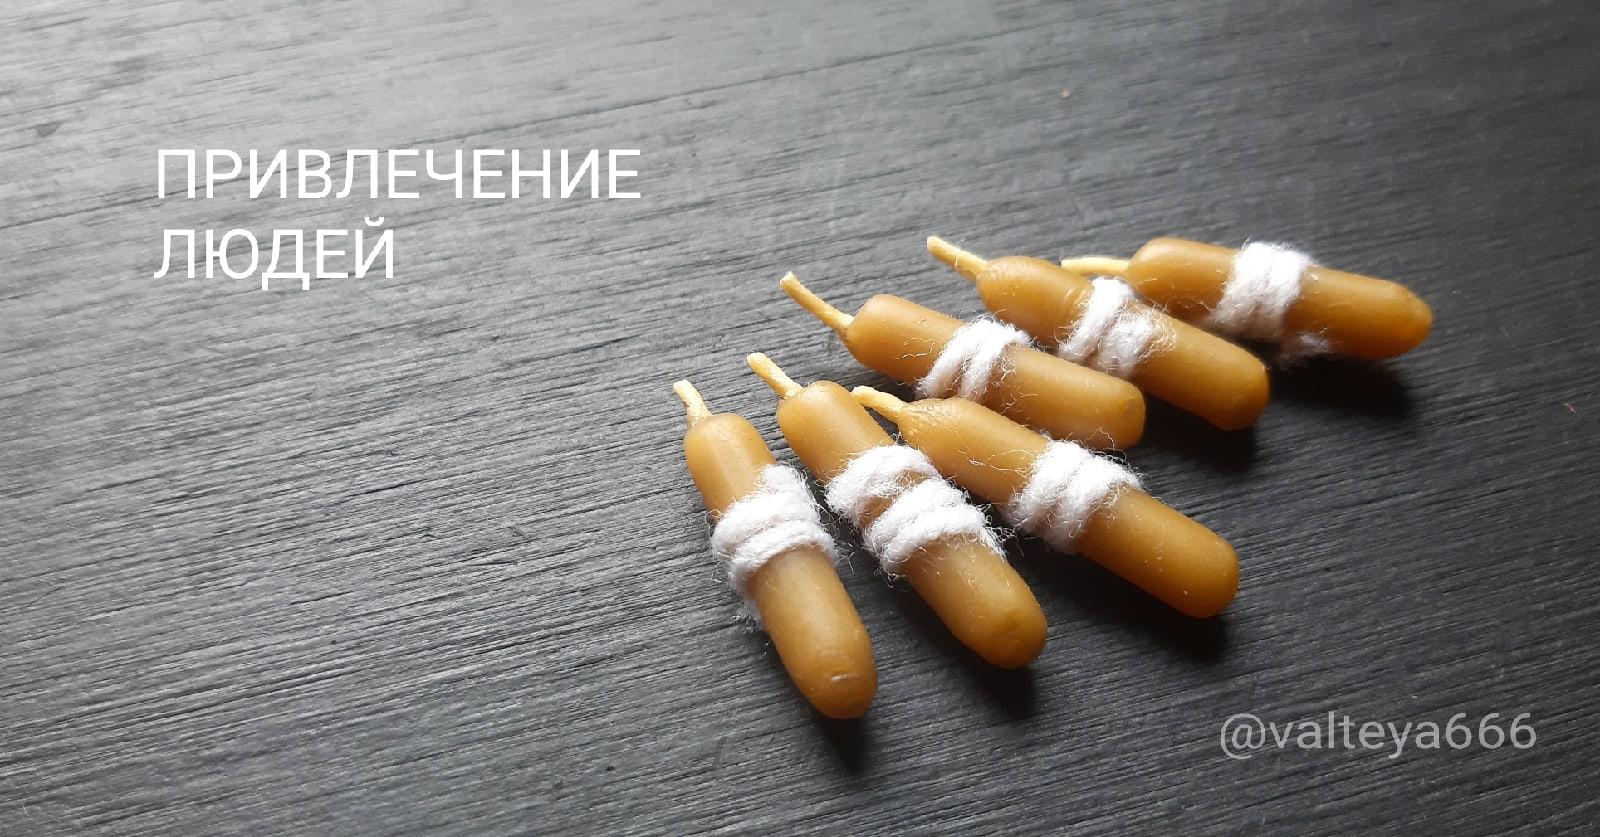 гаданиекиев - Программные свечи от Елены Руденко. - Страница 16 GnnbYlq5oOA